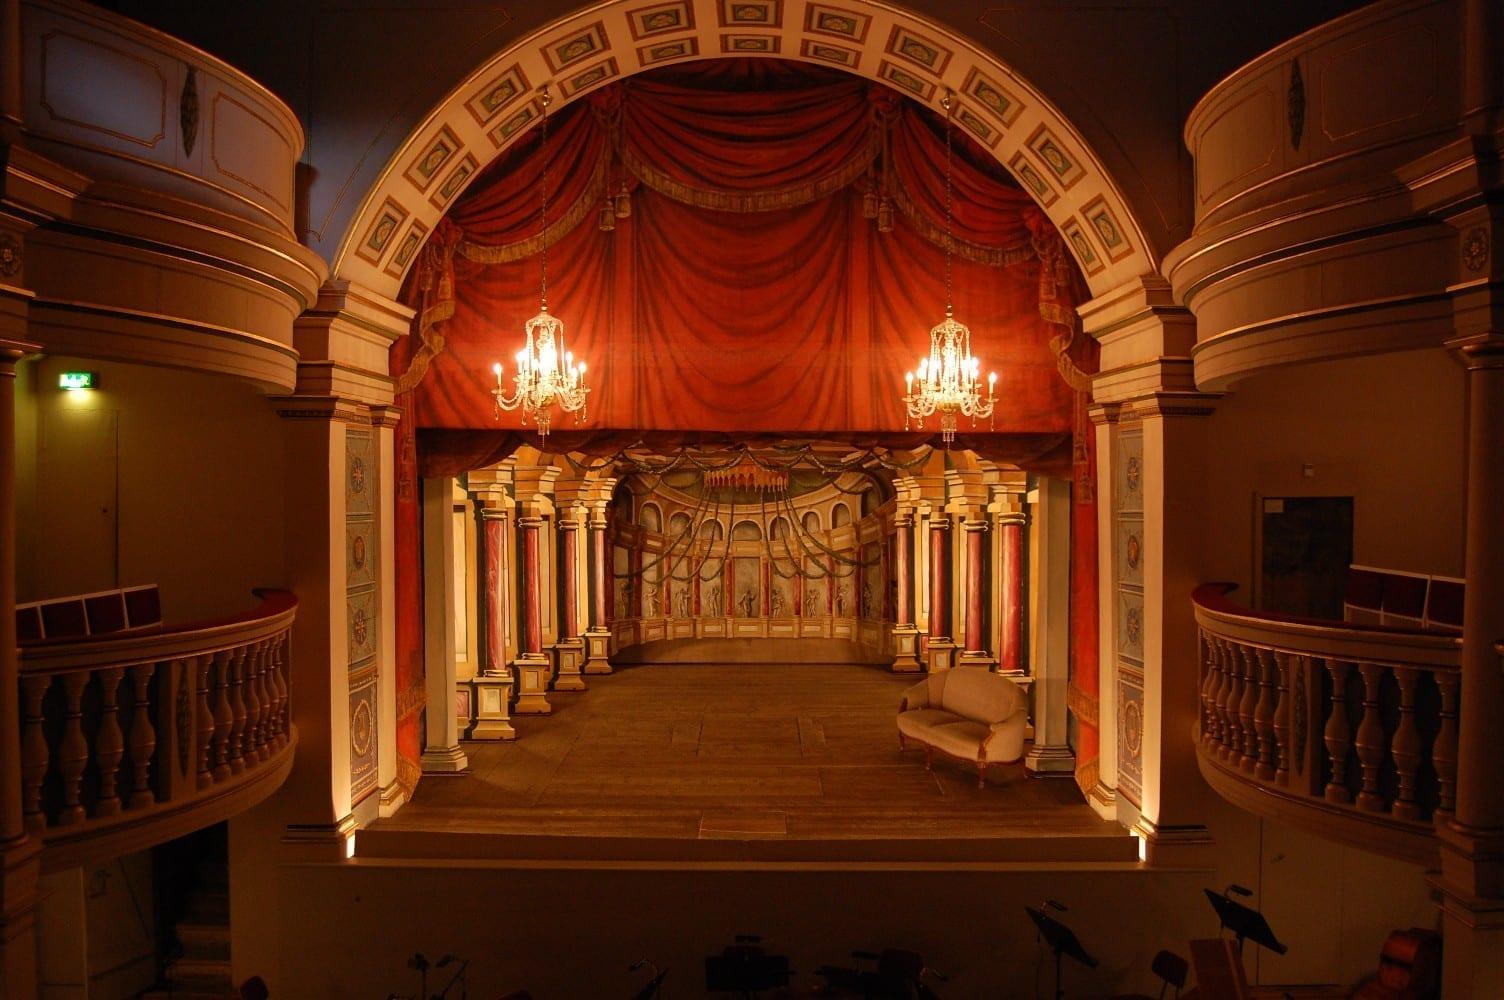 Escenario del teatro Ekhof Gotha Alemania